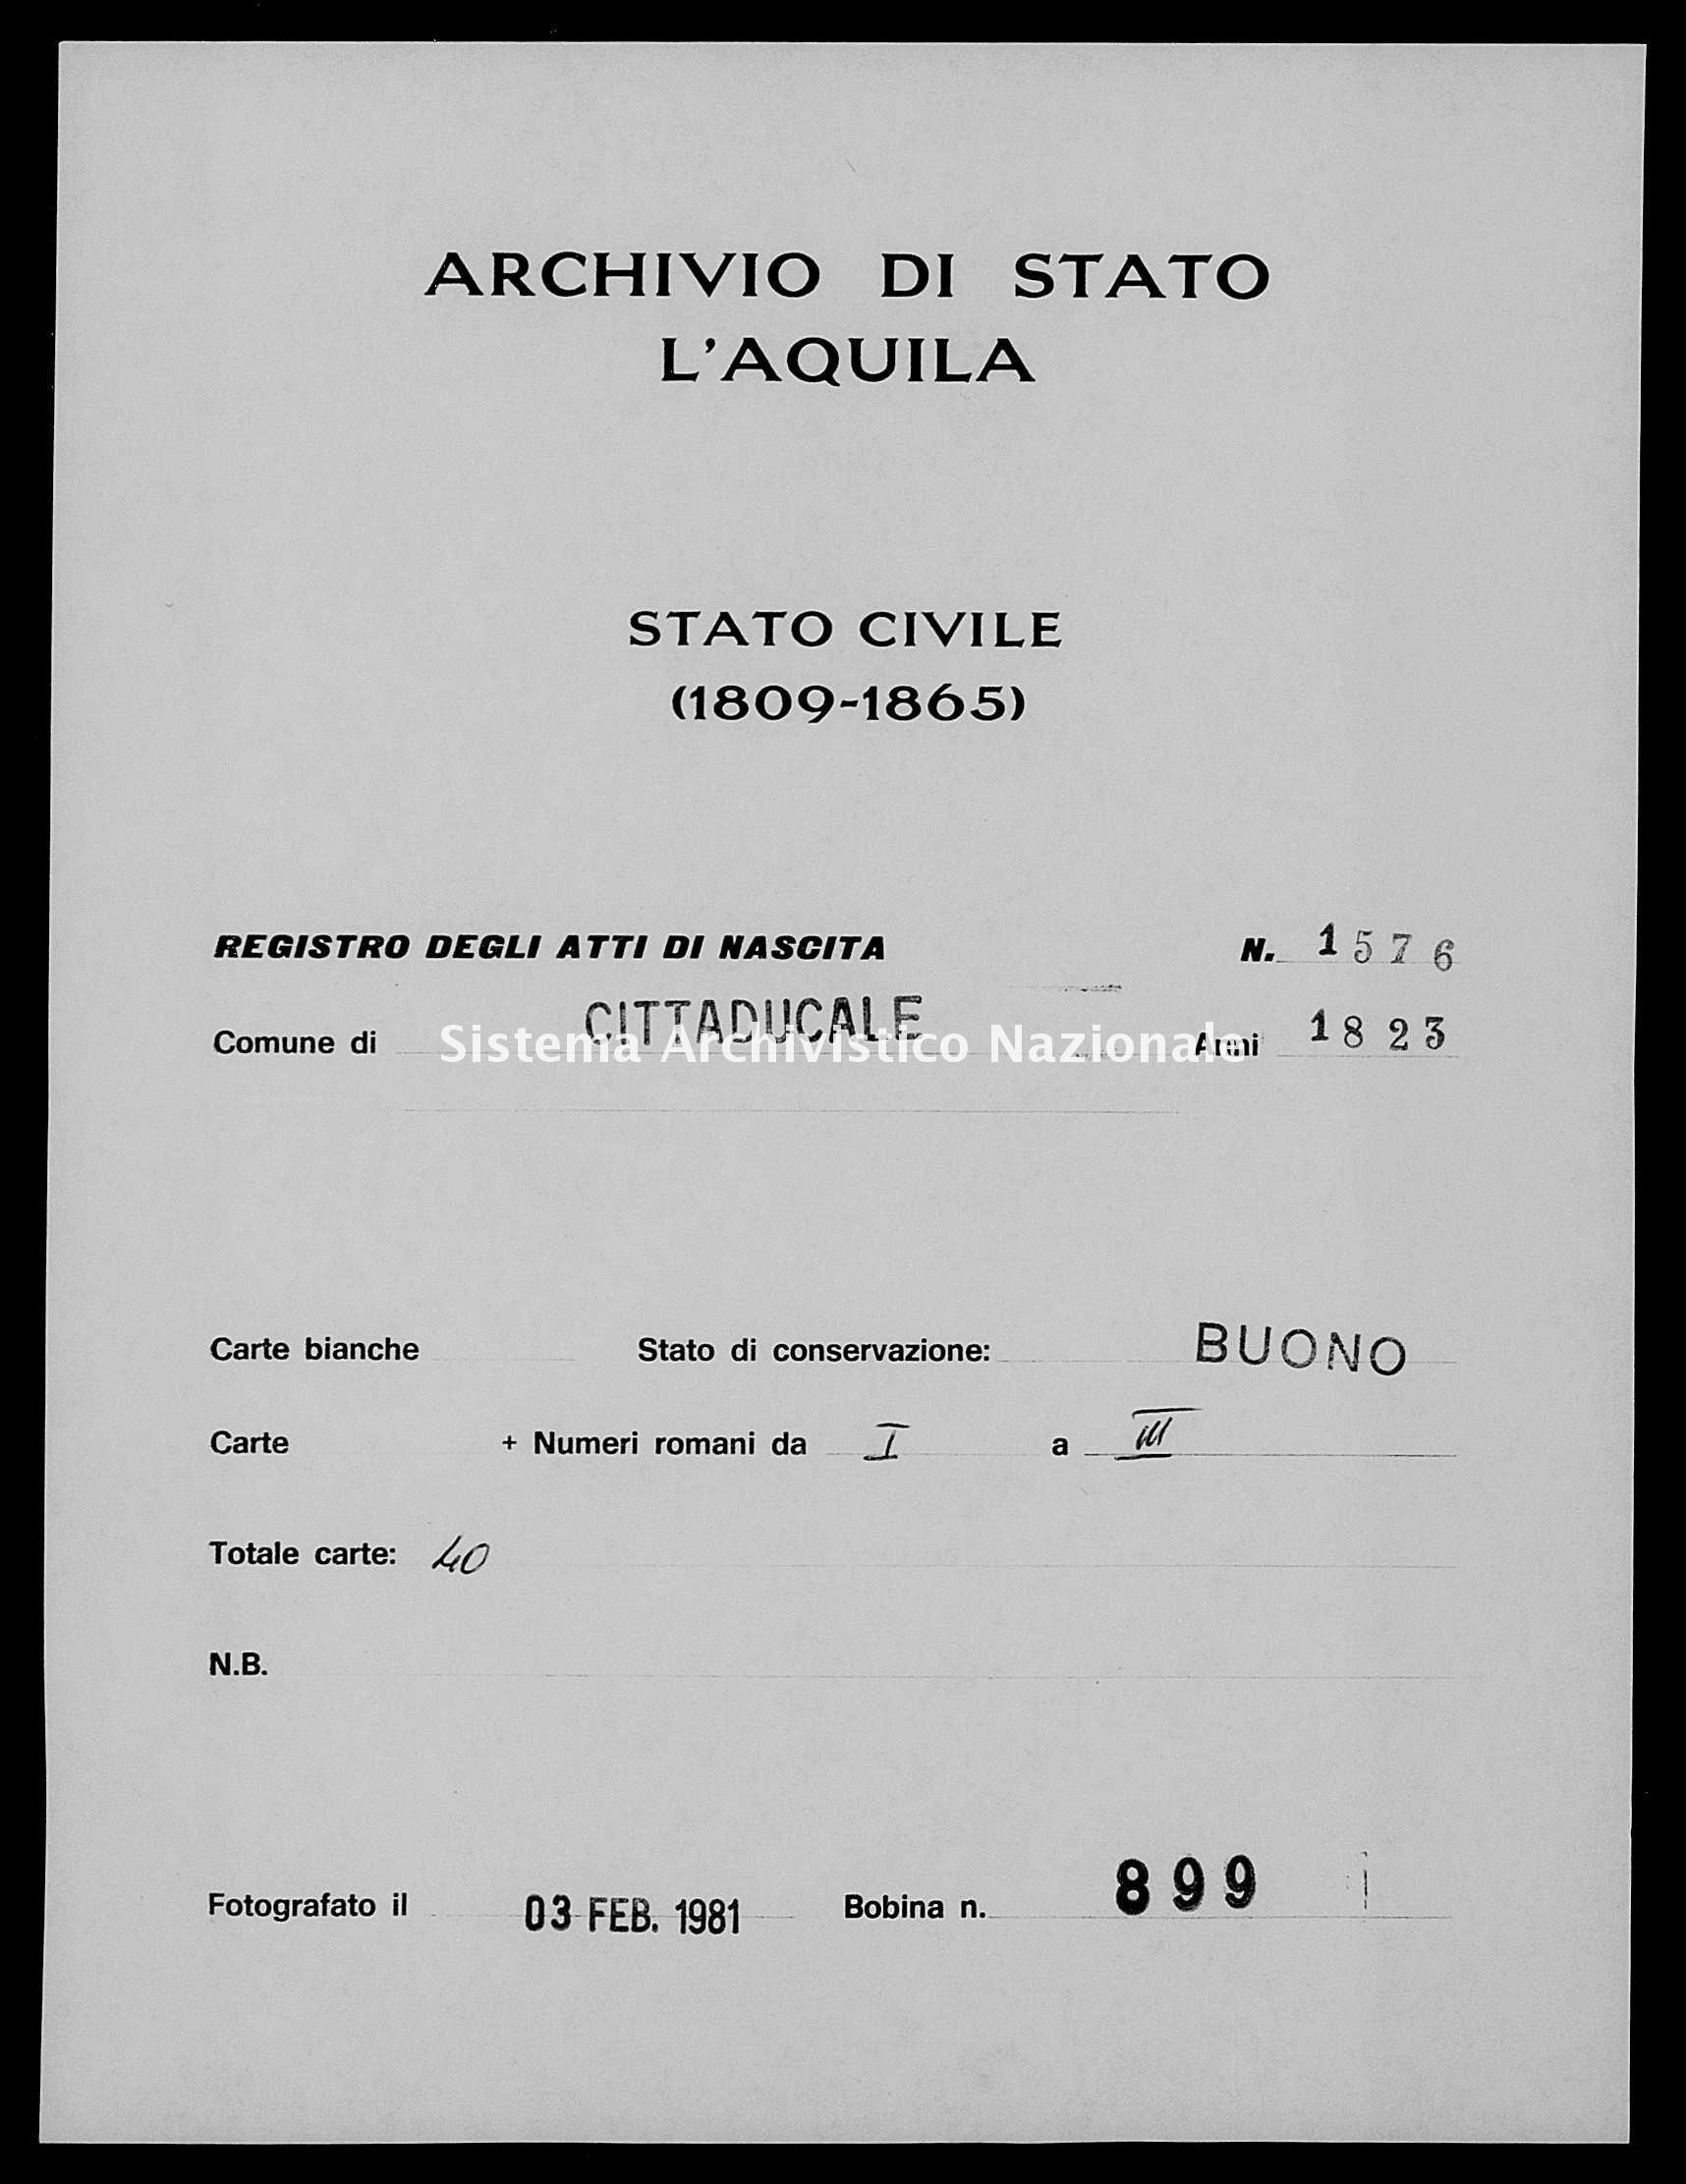 Archivio di stato di L'aquila - Stato civile della restaurazione - Cittaducale - Nati - 1823 - 1576 -